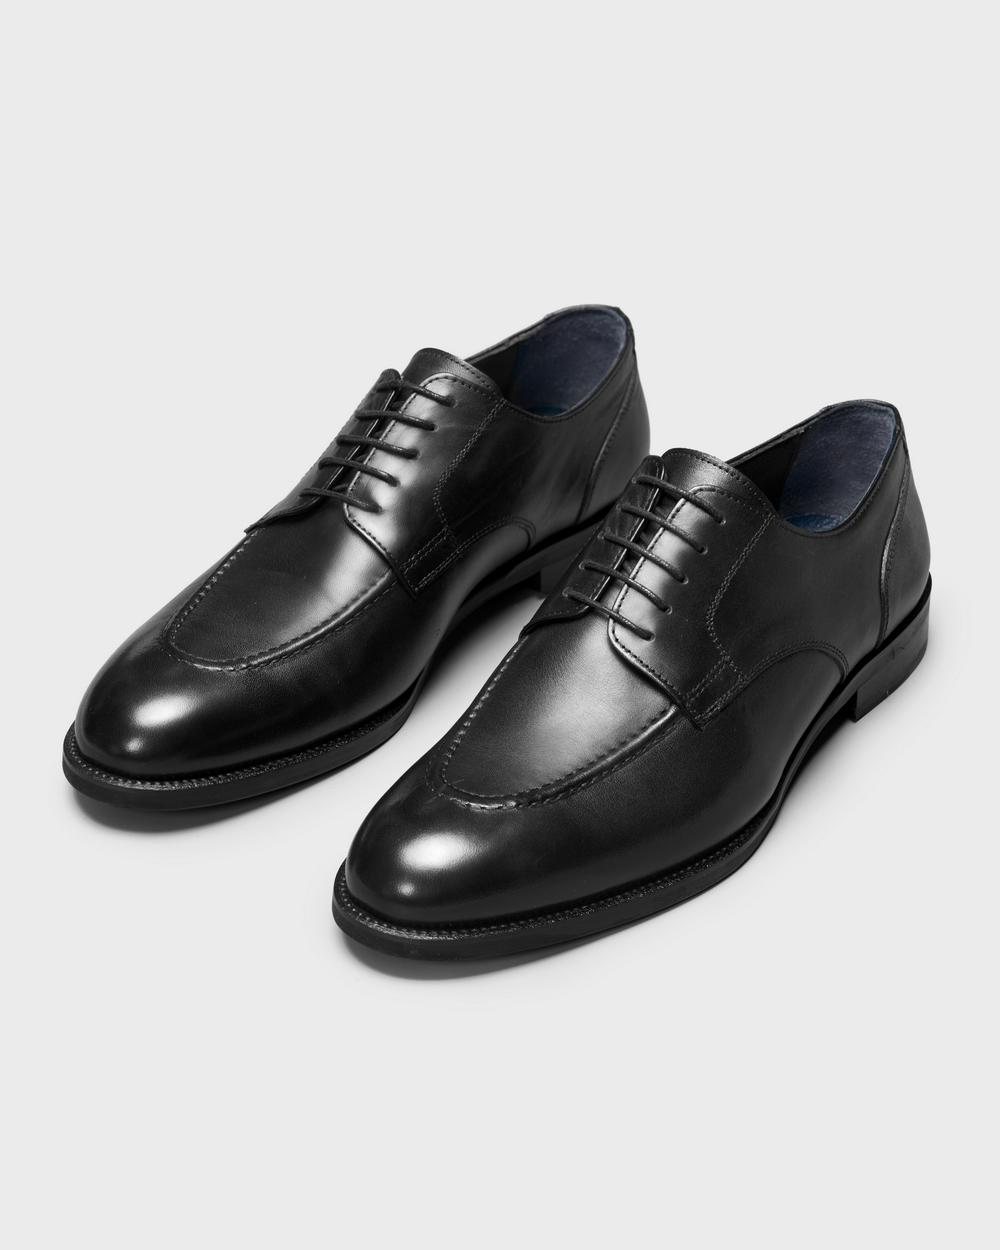 Туфли мужские дерби черные с полукруговым швом на мыске (moc toe)